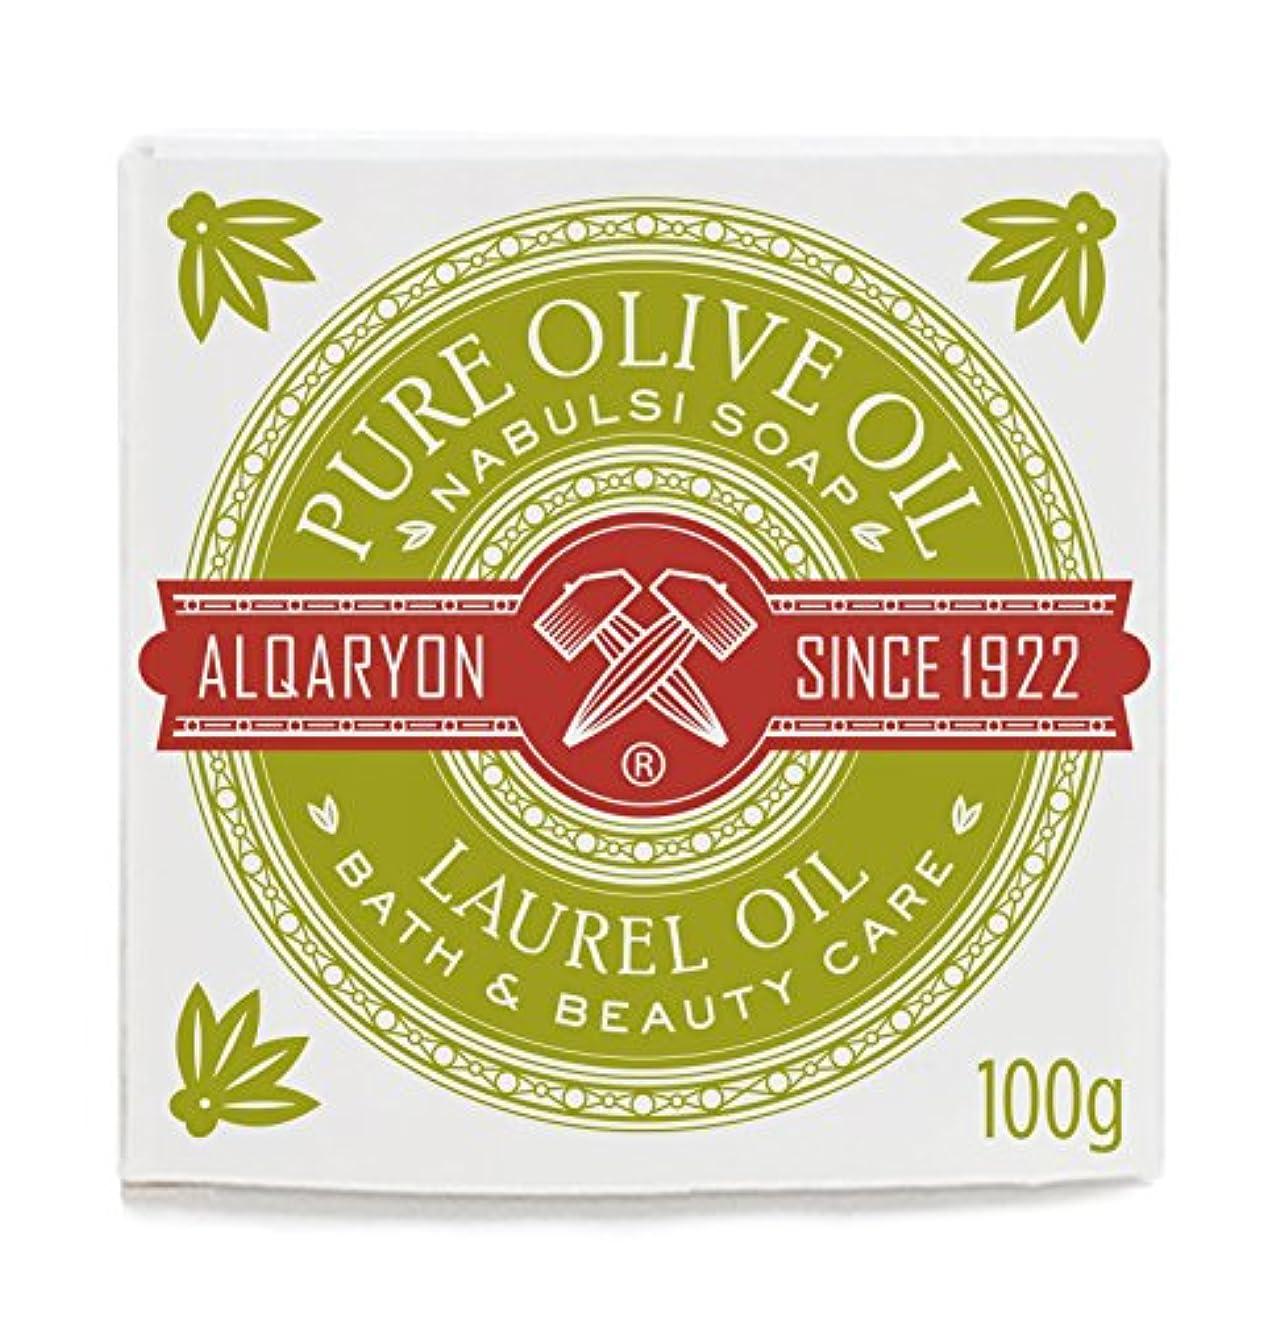 過度のライオン詳細なAlqaryon Laurel Oil & Olive Oil Bar Soap Pack of 4 - AlqaryonのローレルオイルI&オリーブオイル ソープ、バス & ビューティー ケア、100gの石鹸4個のパック